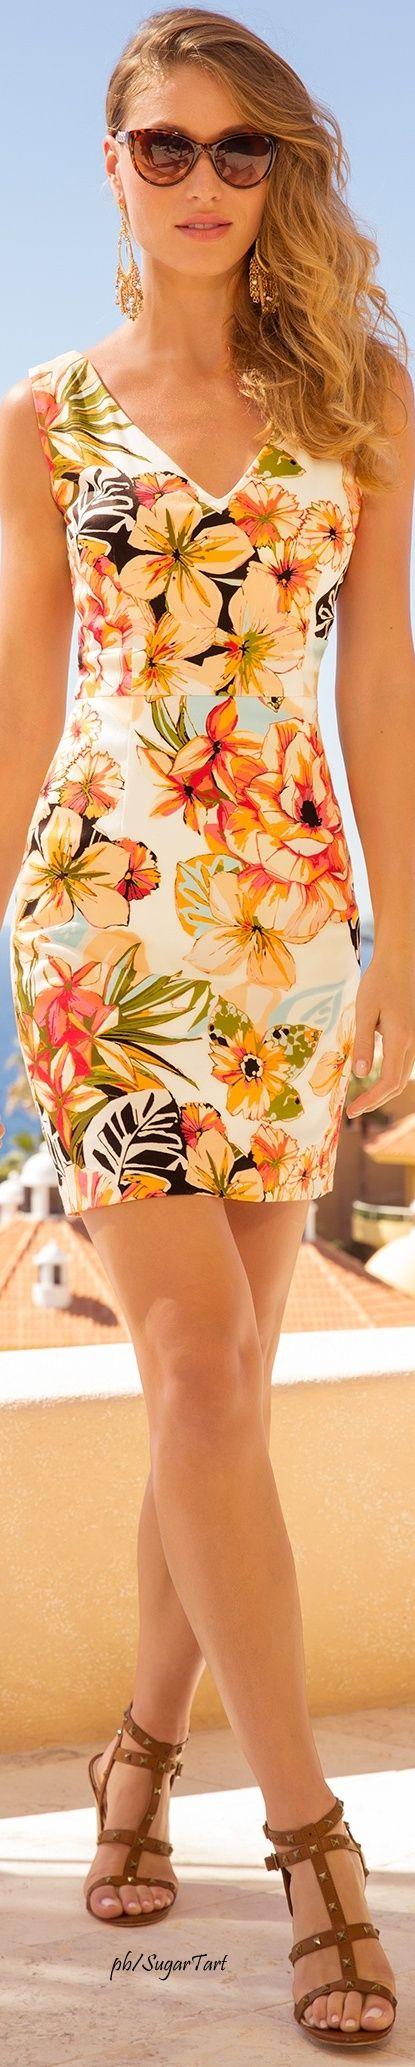 .Vestido floral - Primavera under chic